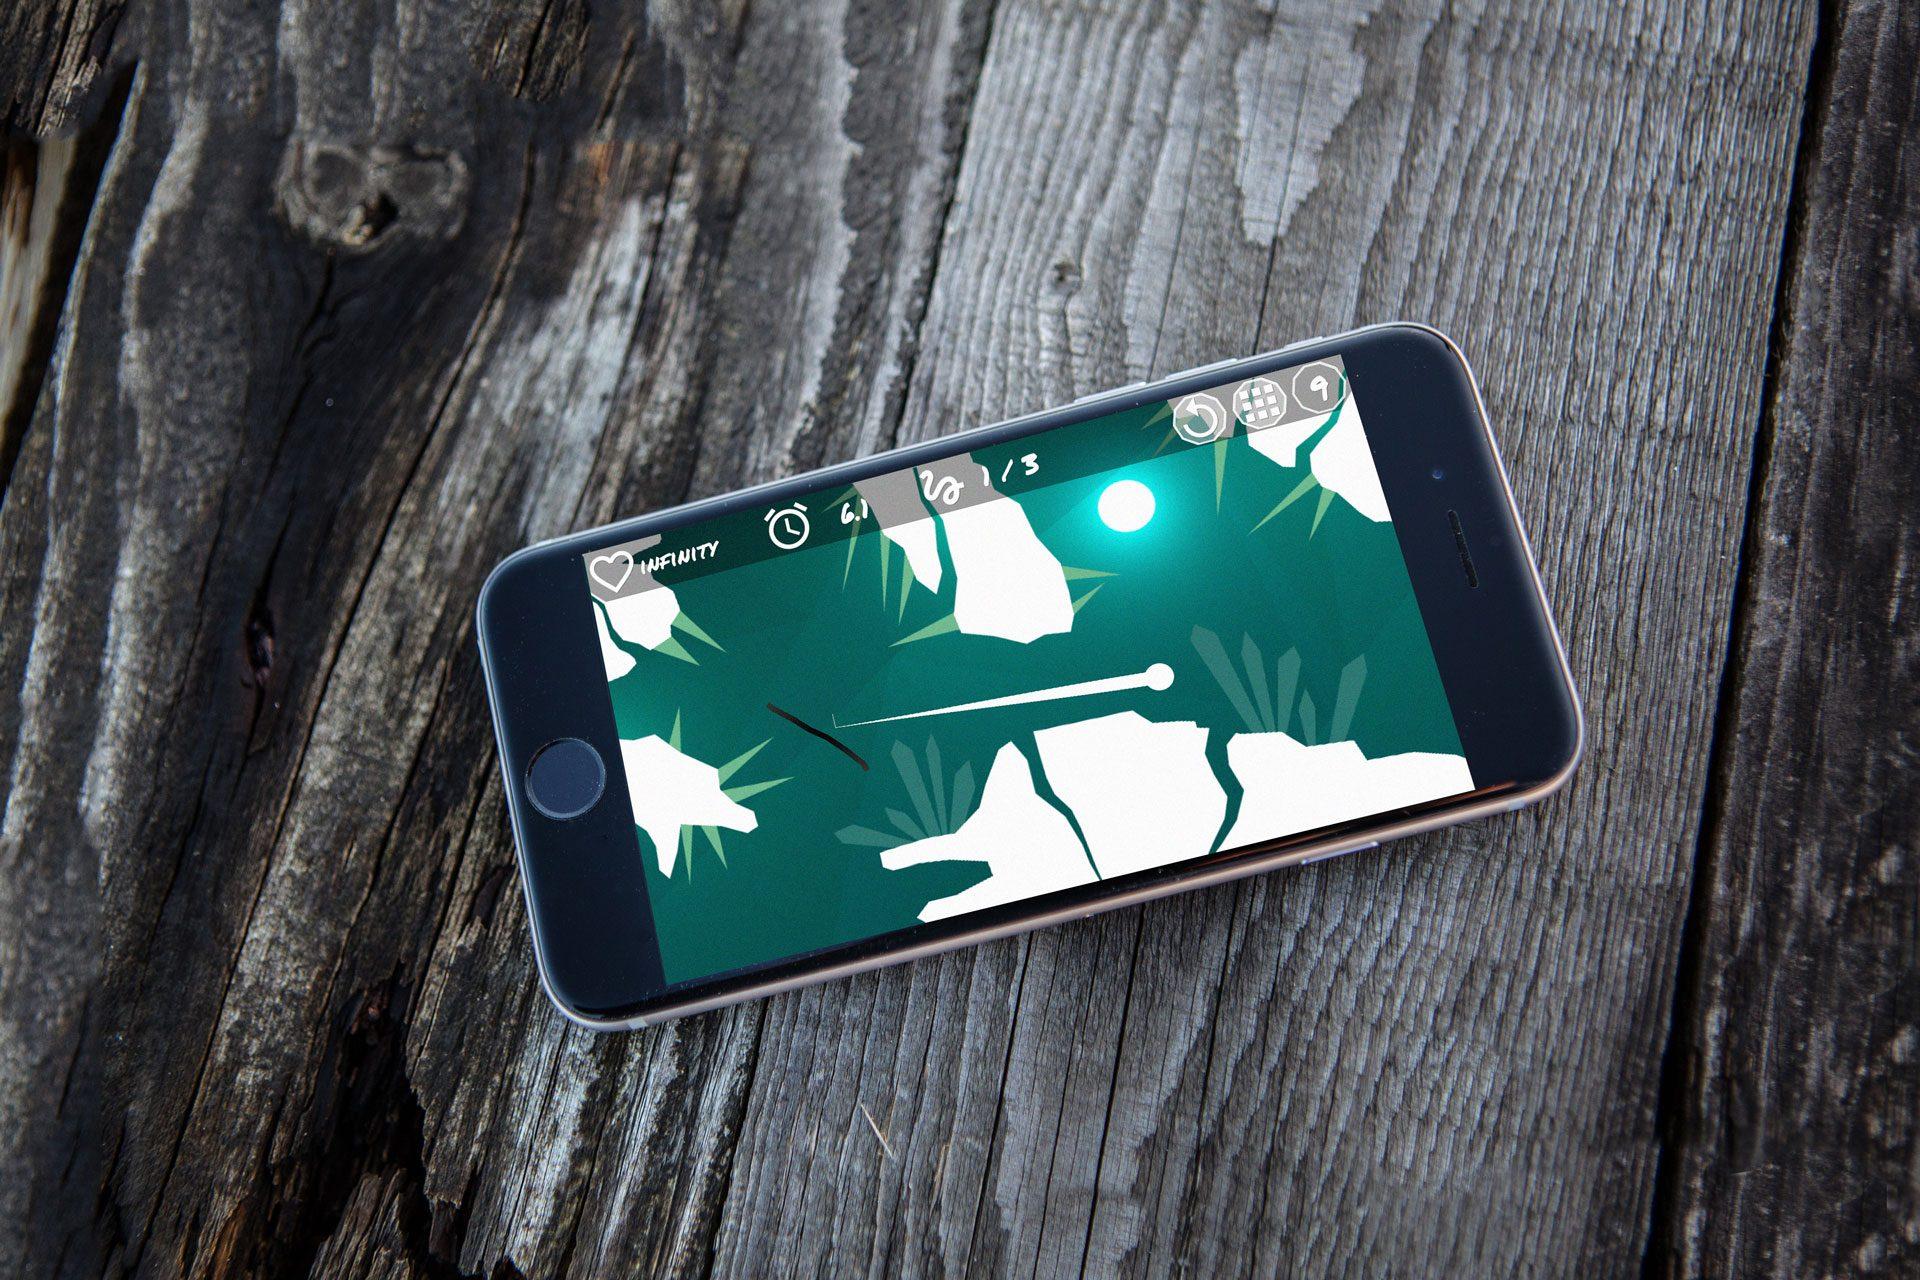 iphone-6-e1528833602690